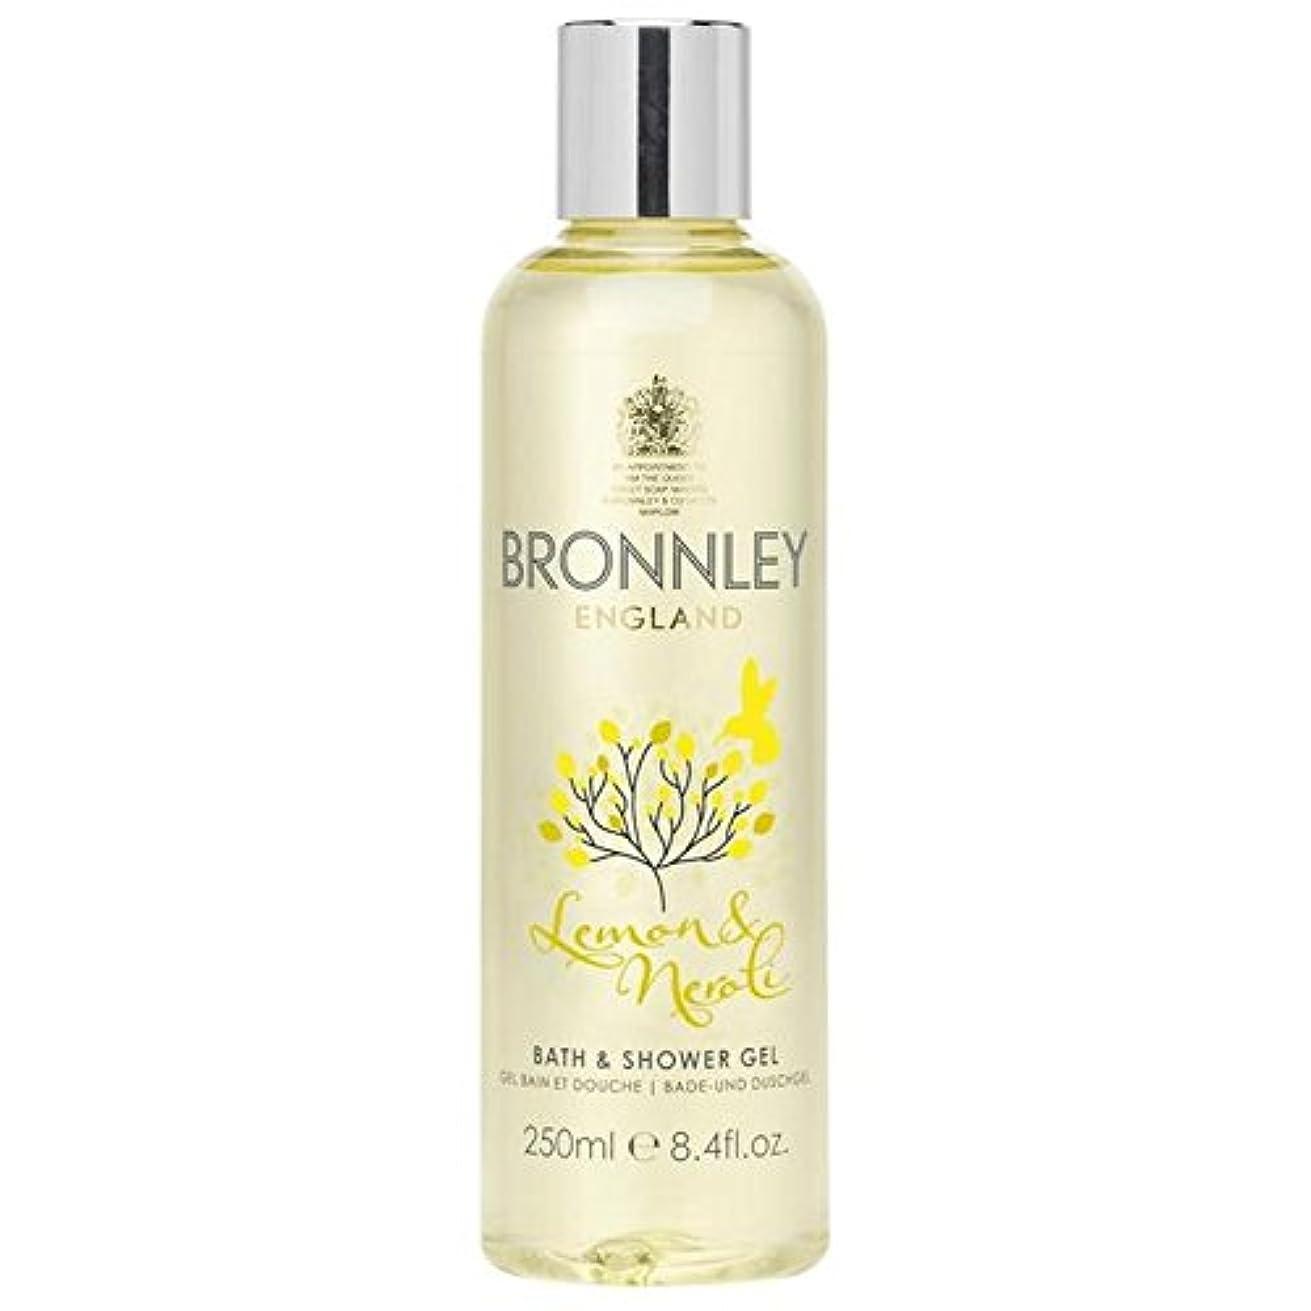 刺激する展示会レモン&ネロリバス&シャワージェル250ミリリットル x2 - Bronnley Lemon & Neroli Bath & Shower Gel 250ml (Pack of 2) [並行輸入品]